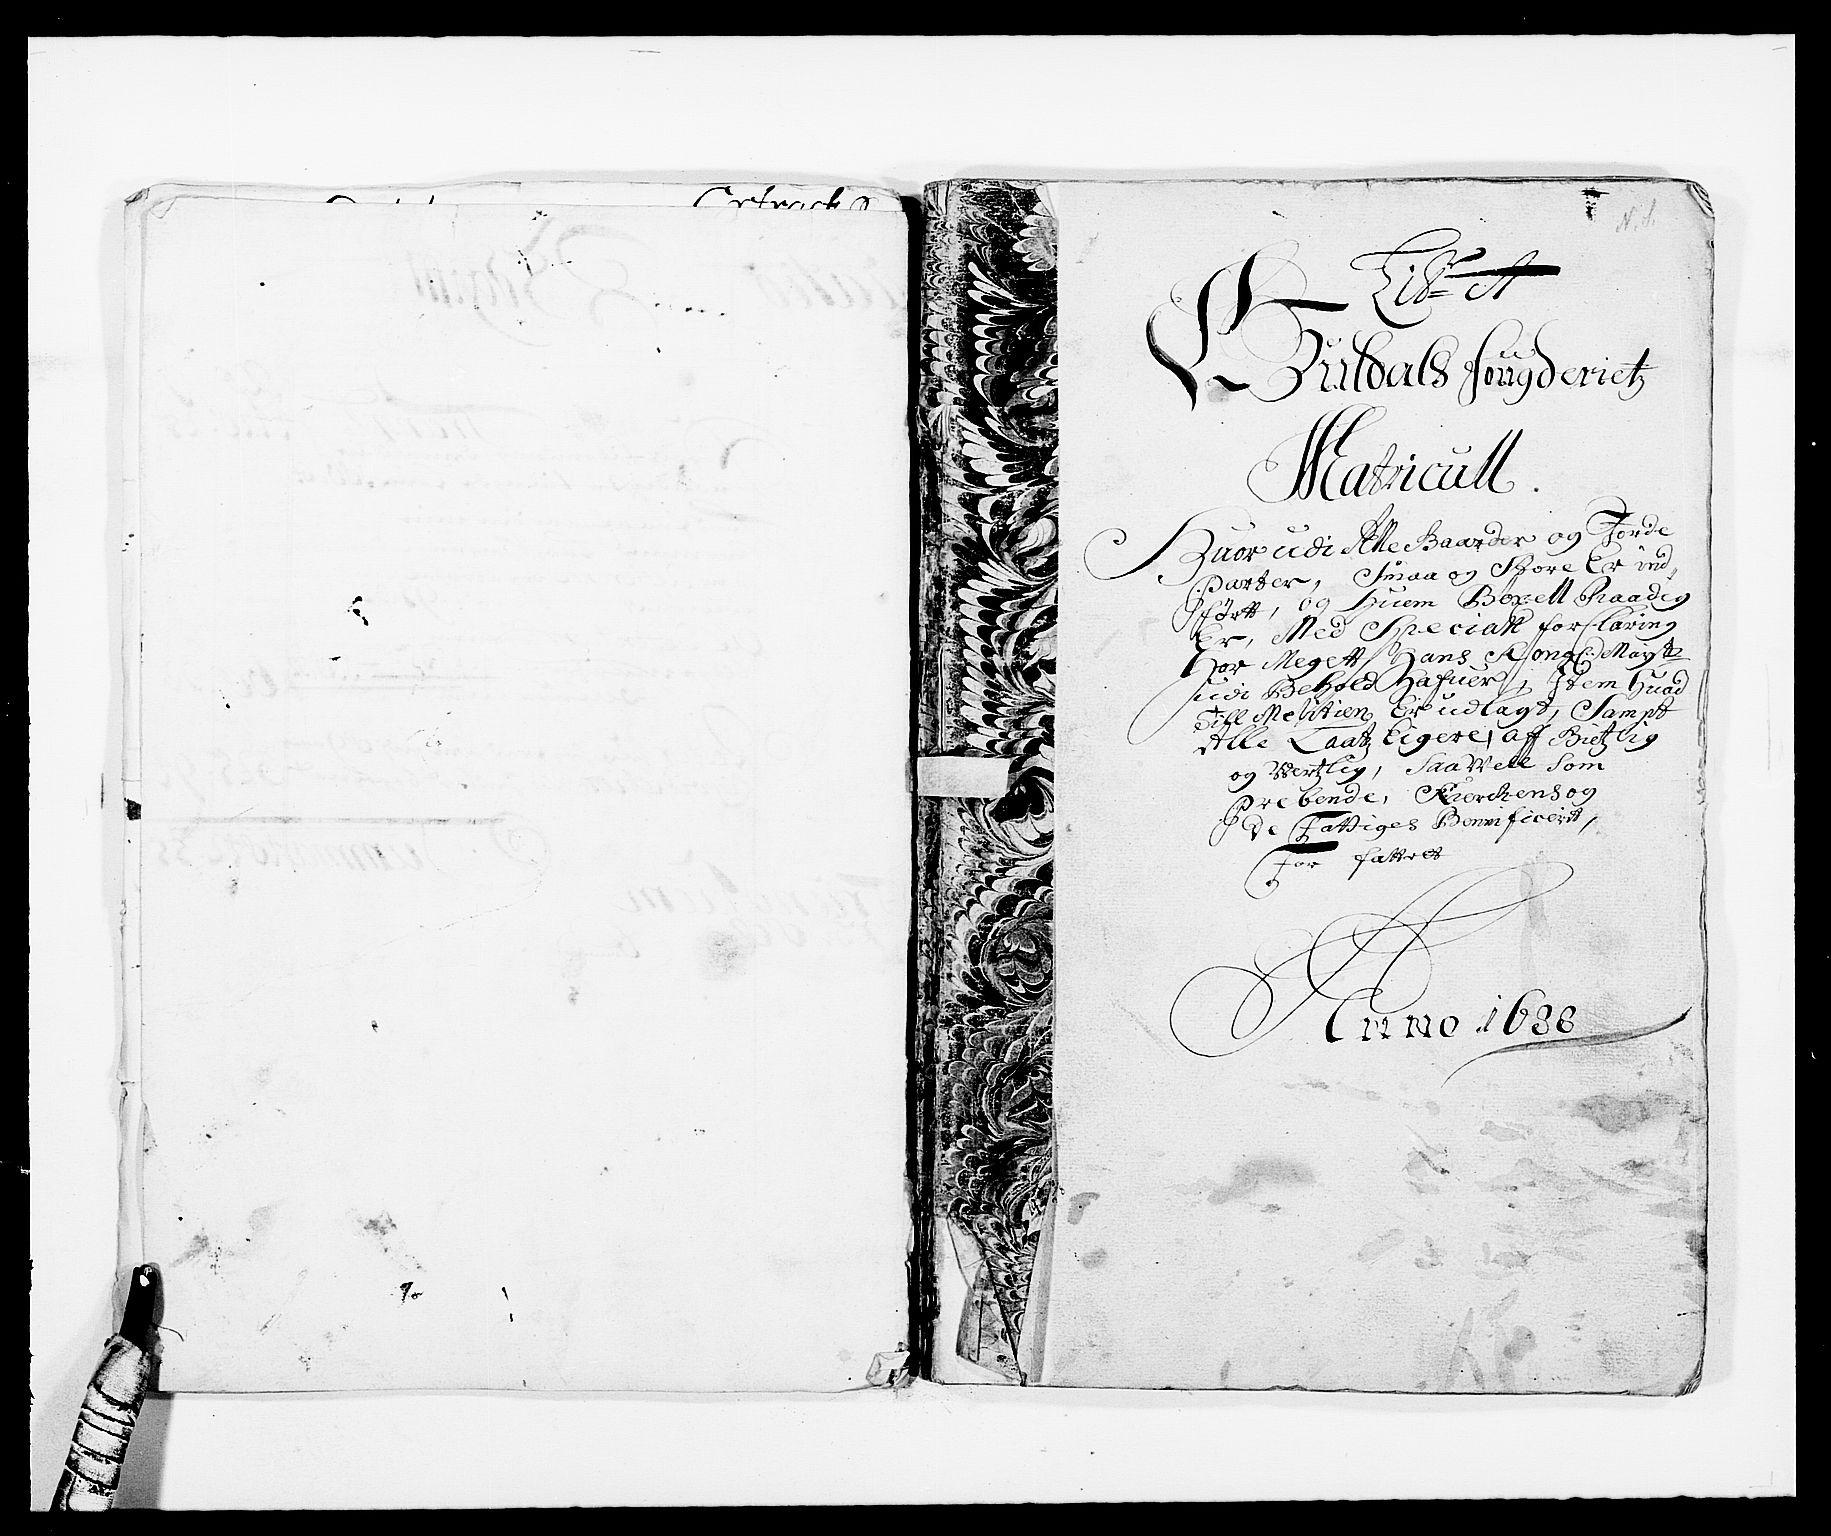 RA, Rentekammeret inntil 1814, Reviderte regnskaper, Fogderegnskap, R59/L3939: Fogderegnskap Gauldal, 1687-1688, s. 139